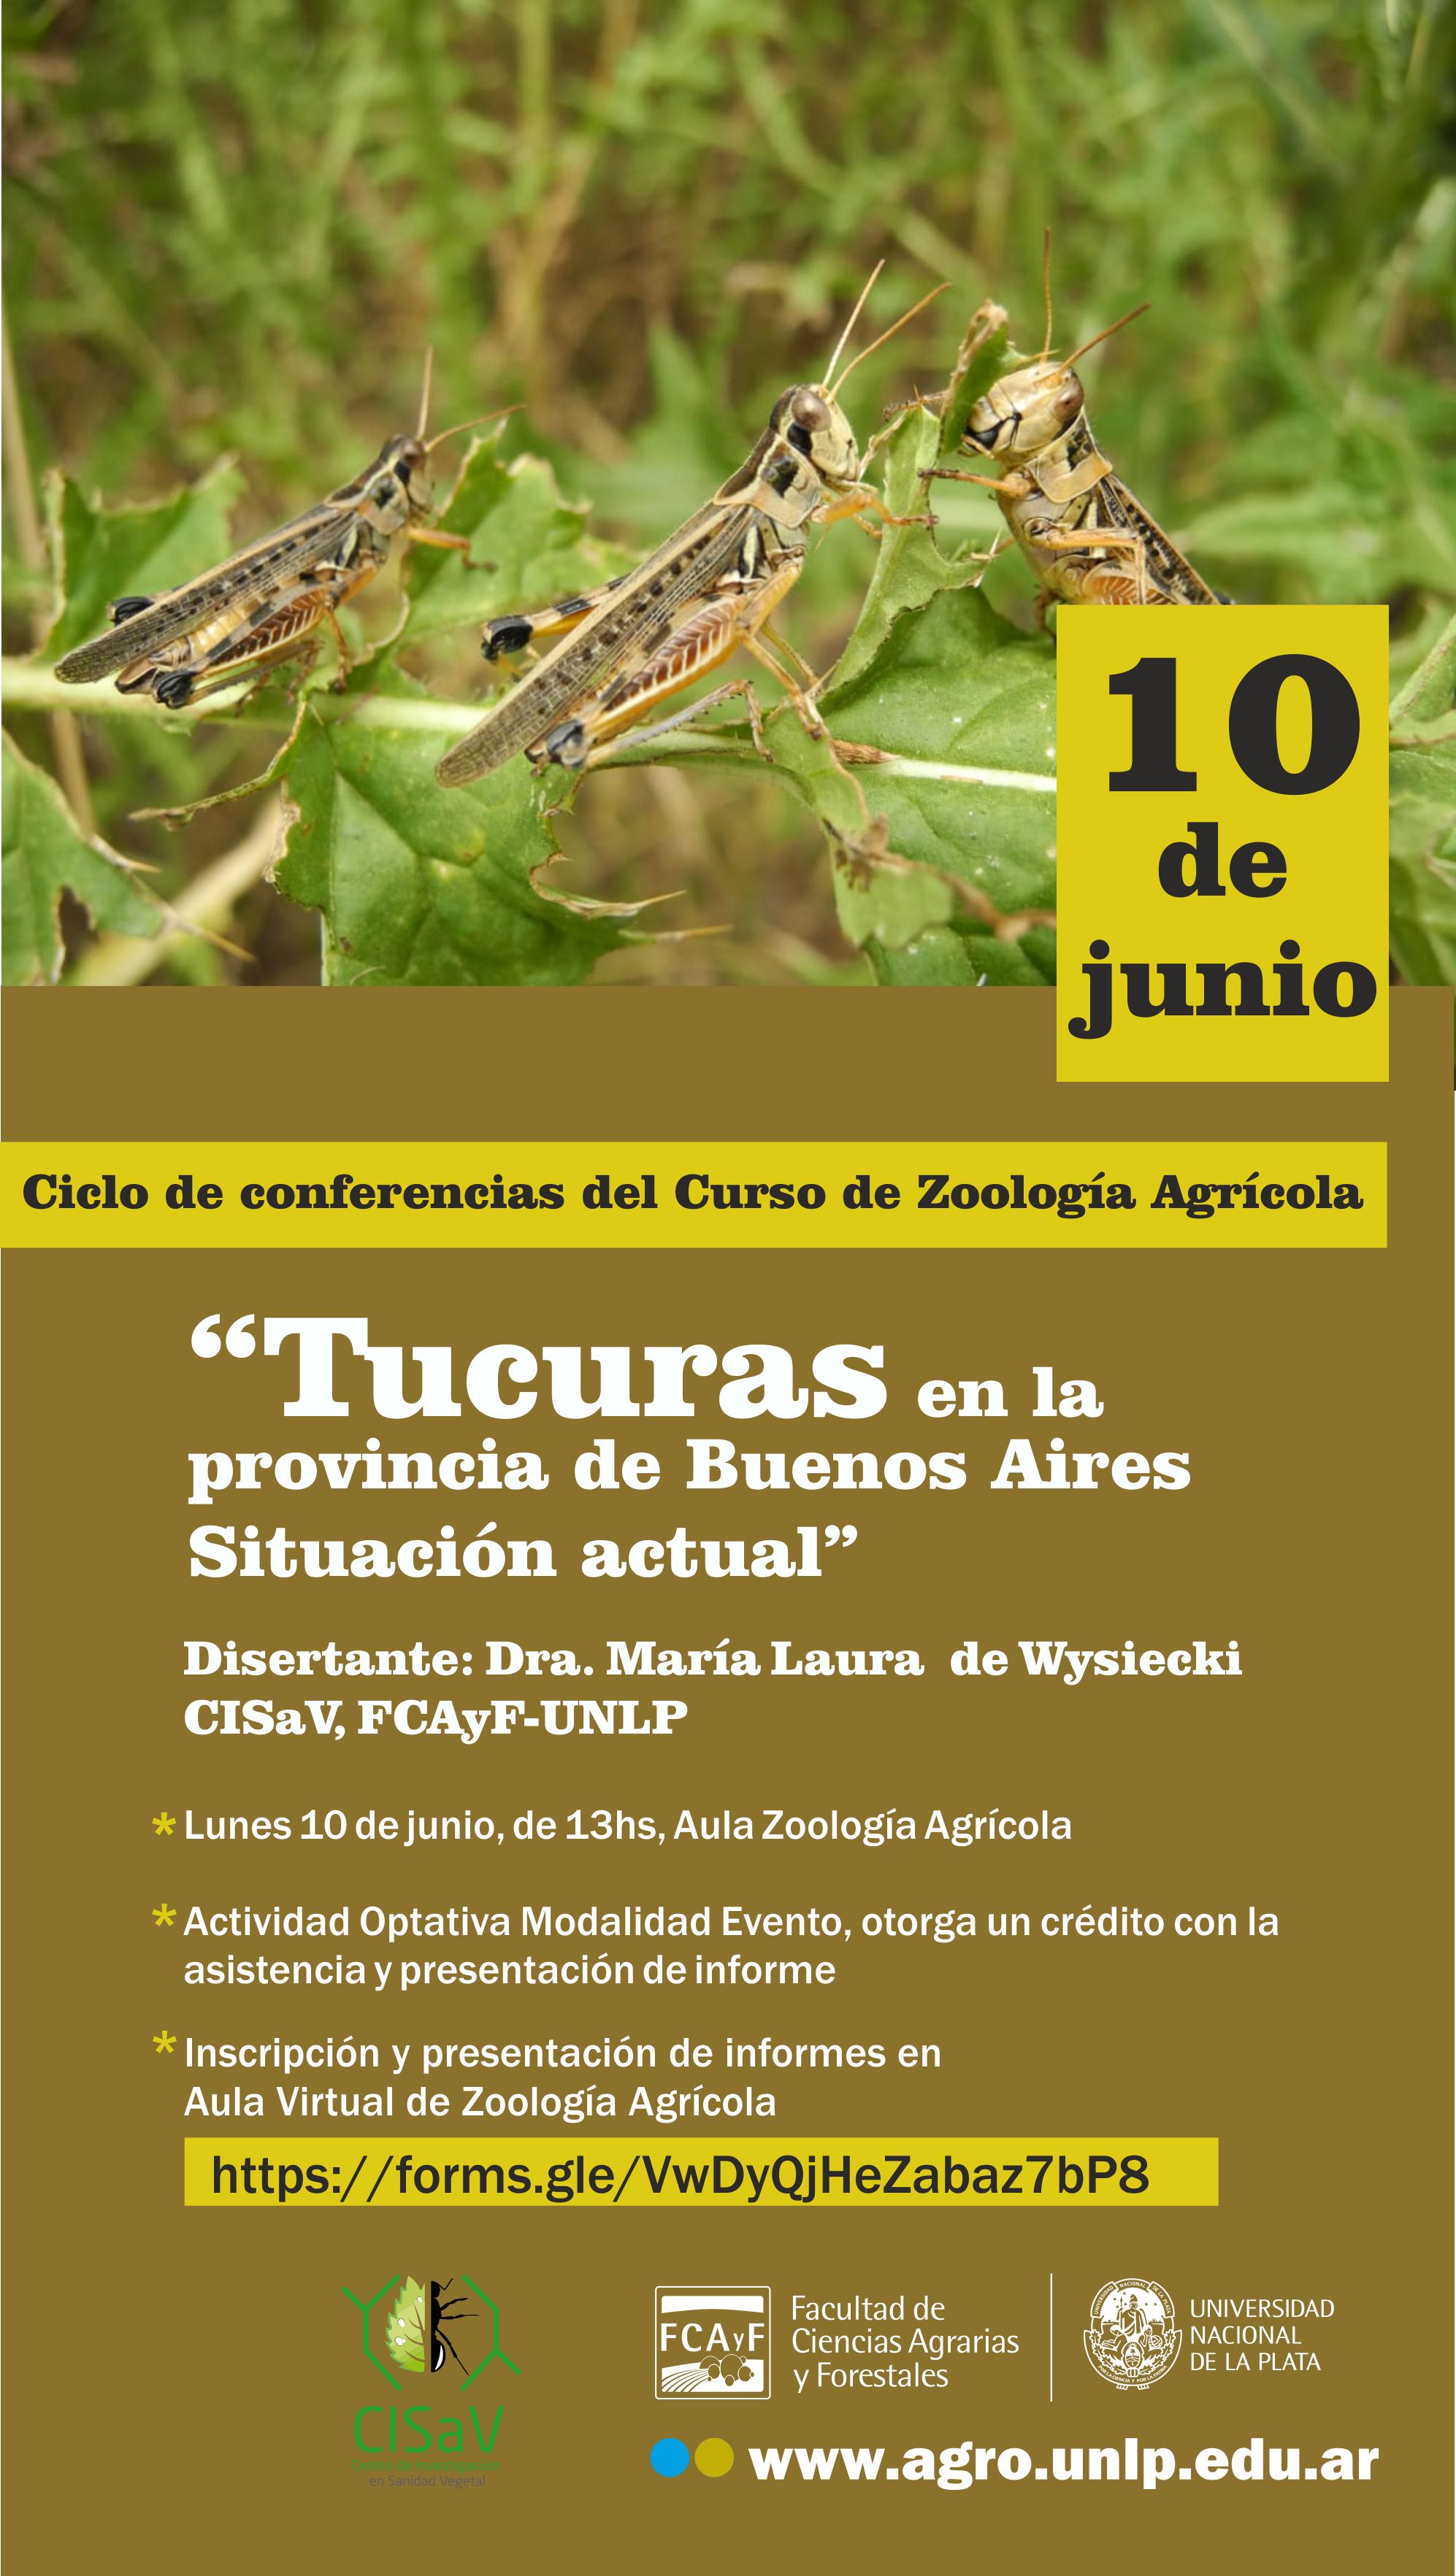 Charla: Tucuras en la provincia de Buenos Aires. Situación Actual.